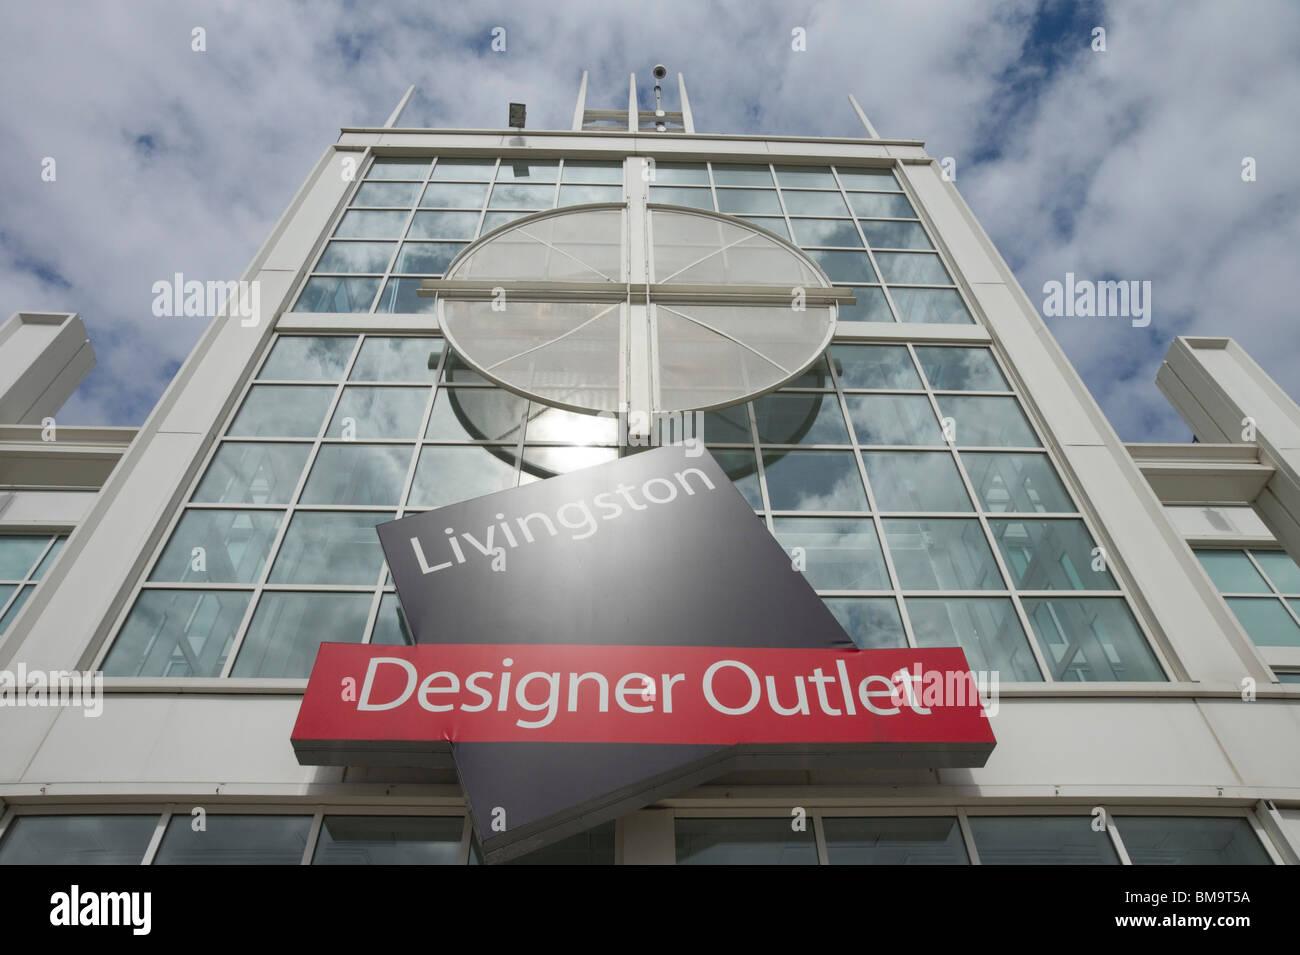 Livingston Designer Outlet shopping mall Scotland - Stock Image